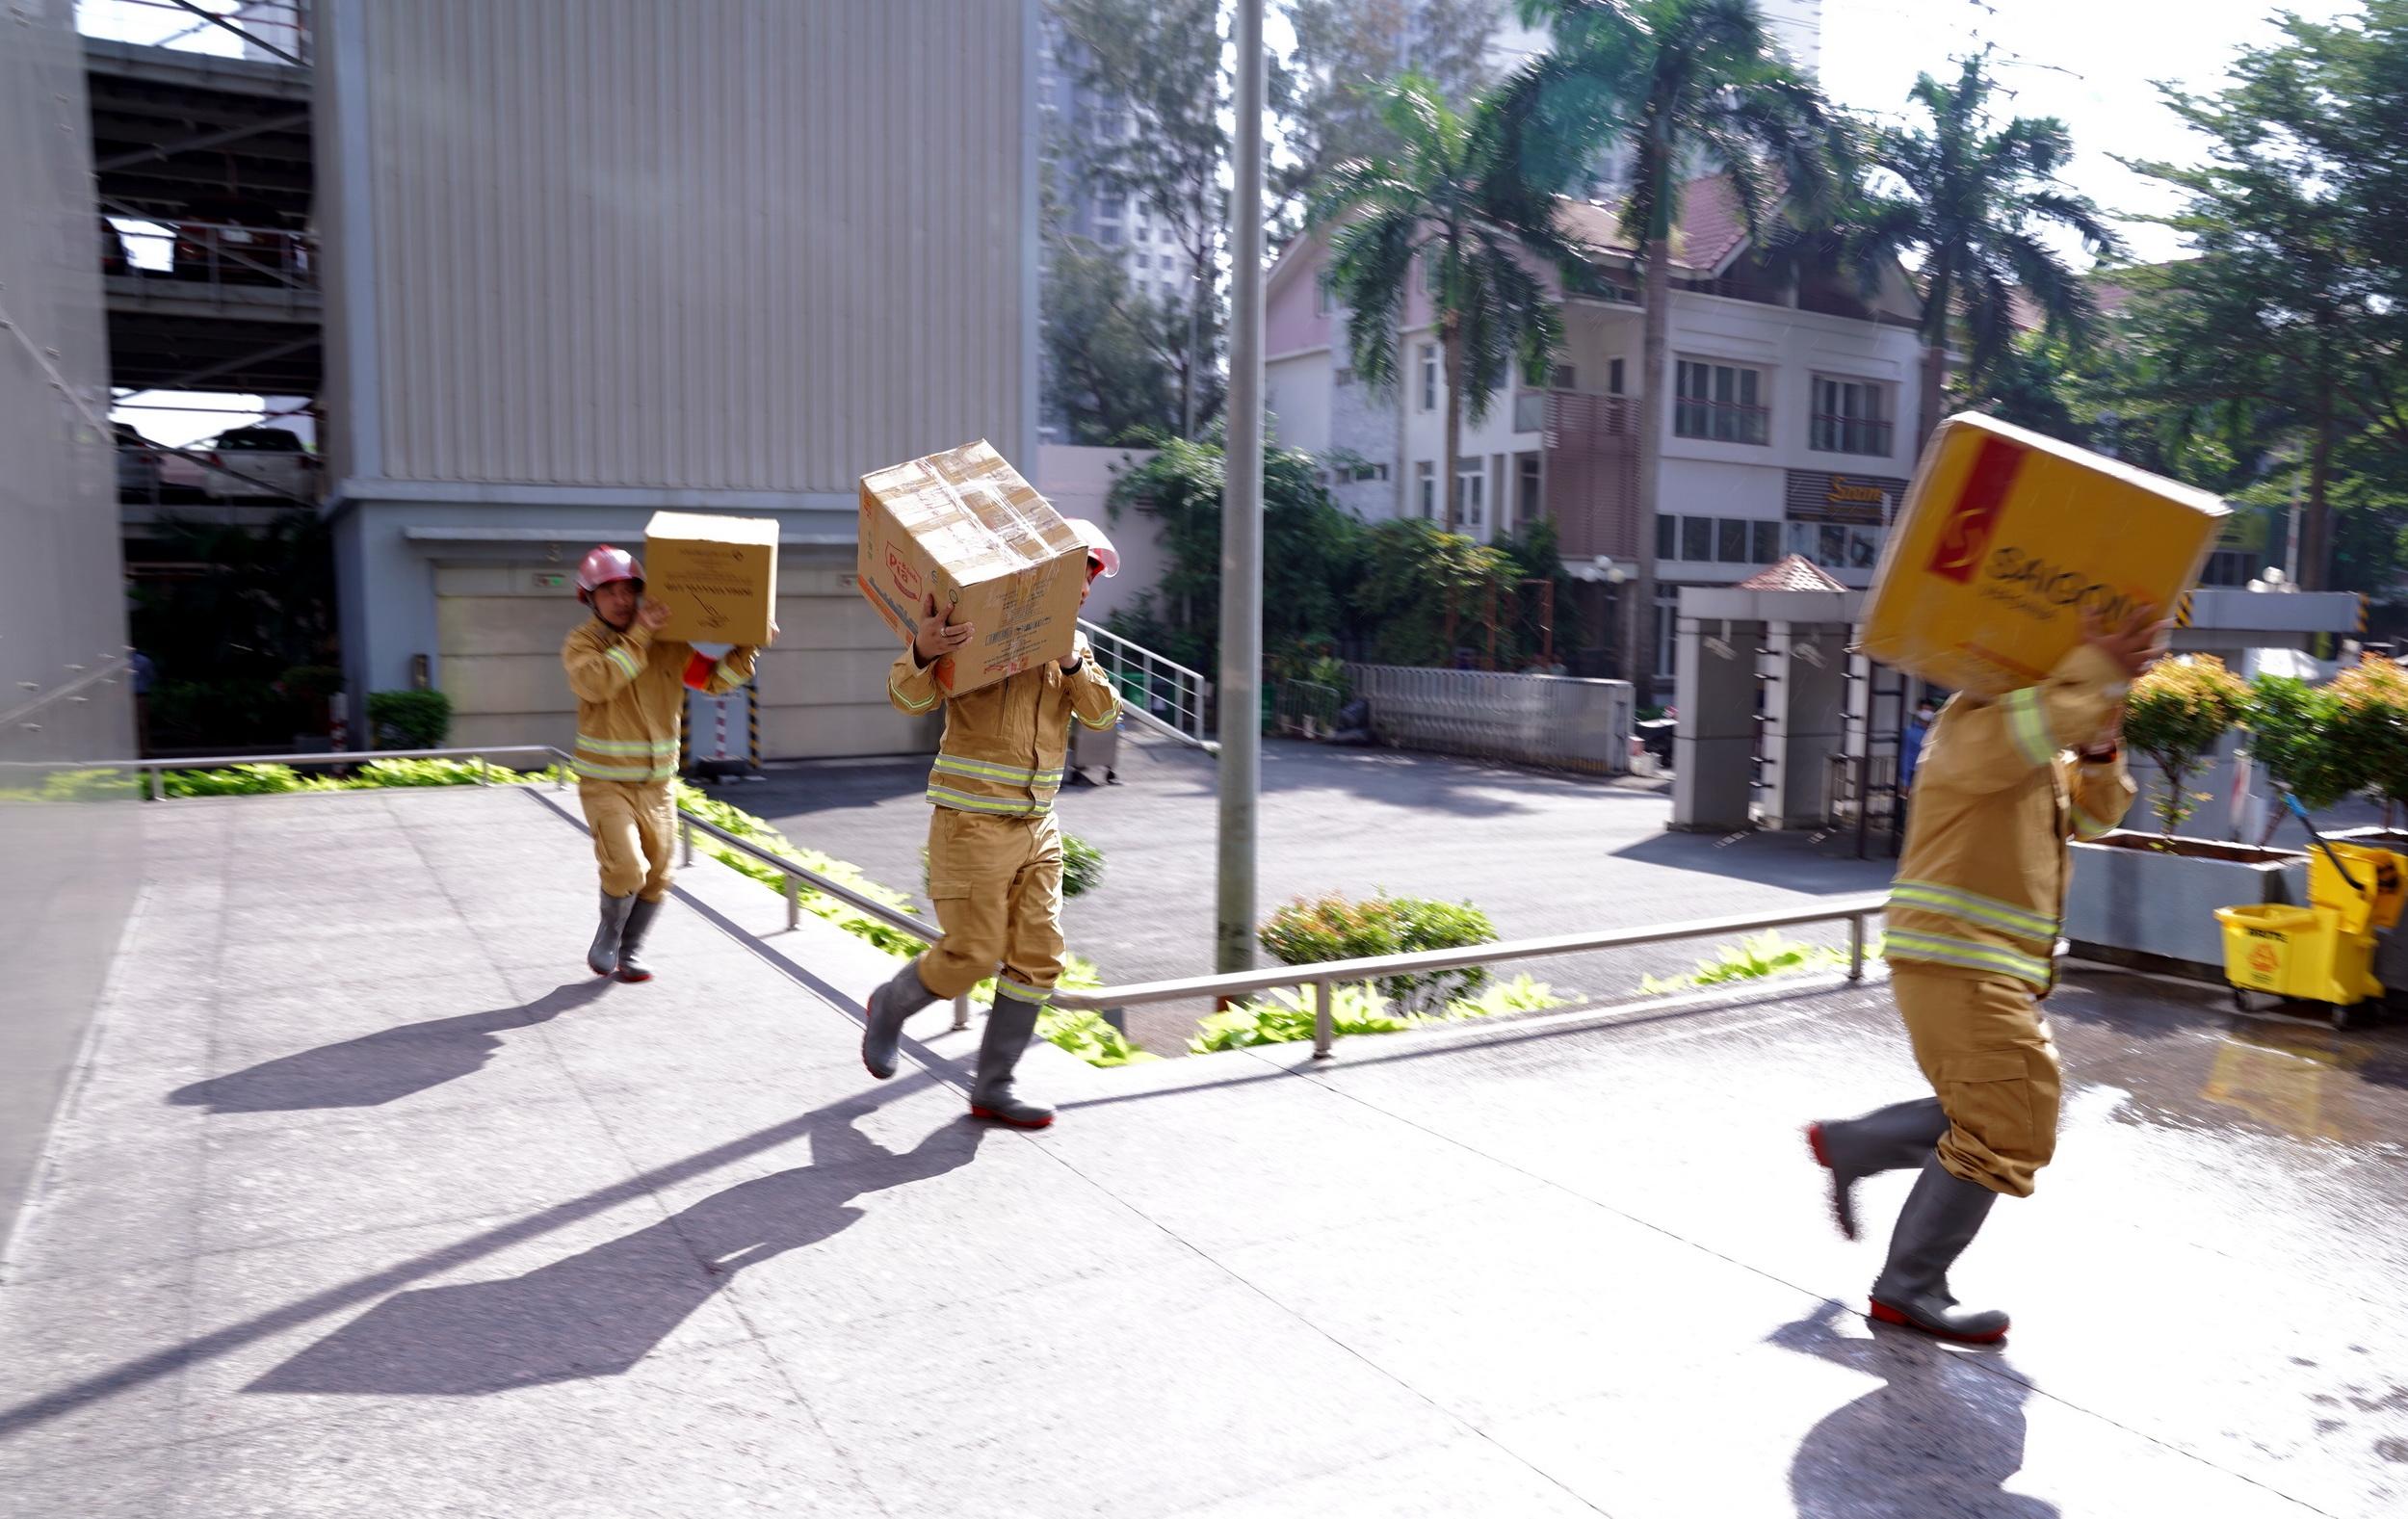 Bảo vệ tài sản của tòa nhà trong đám cháy